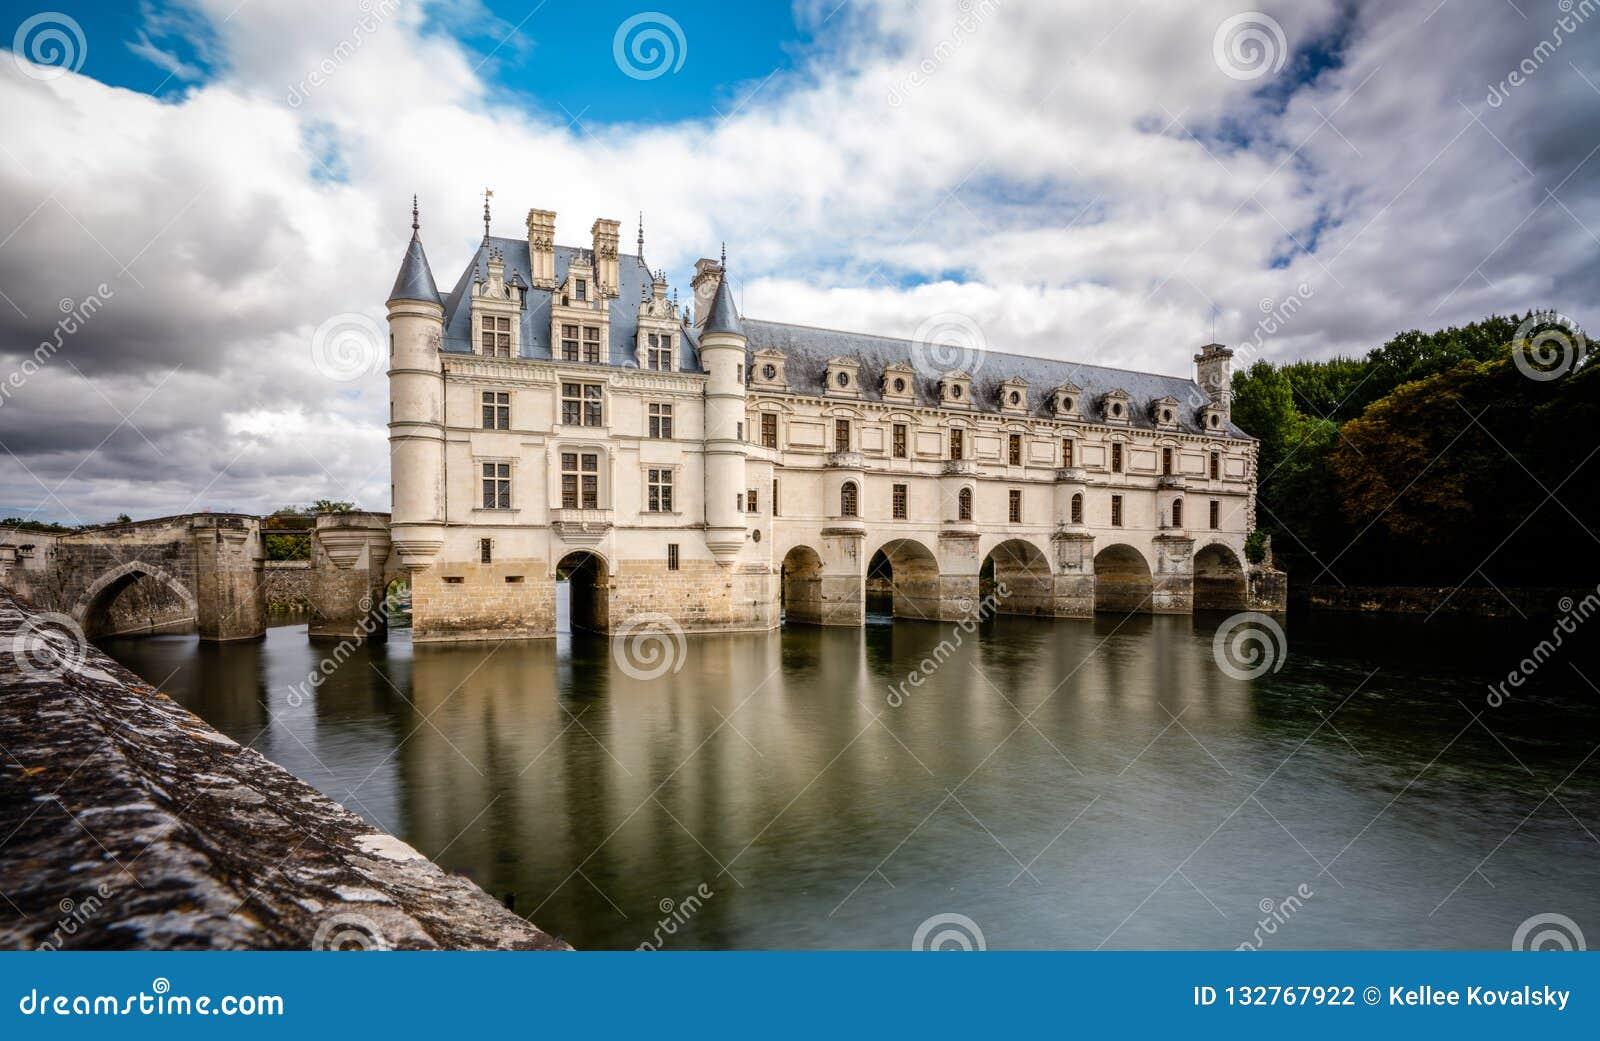 Chateau de Chenonceau över fridsamt flodvatten